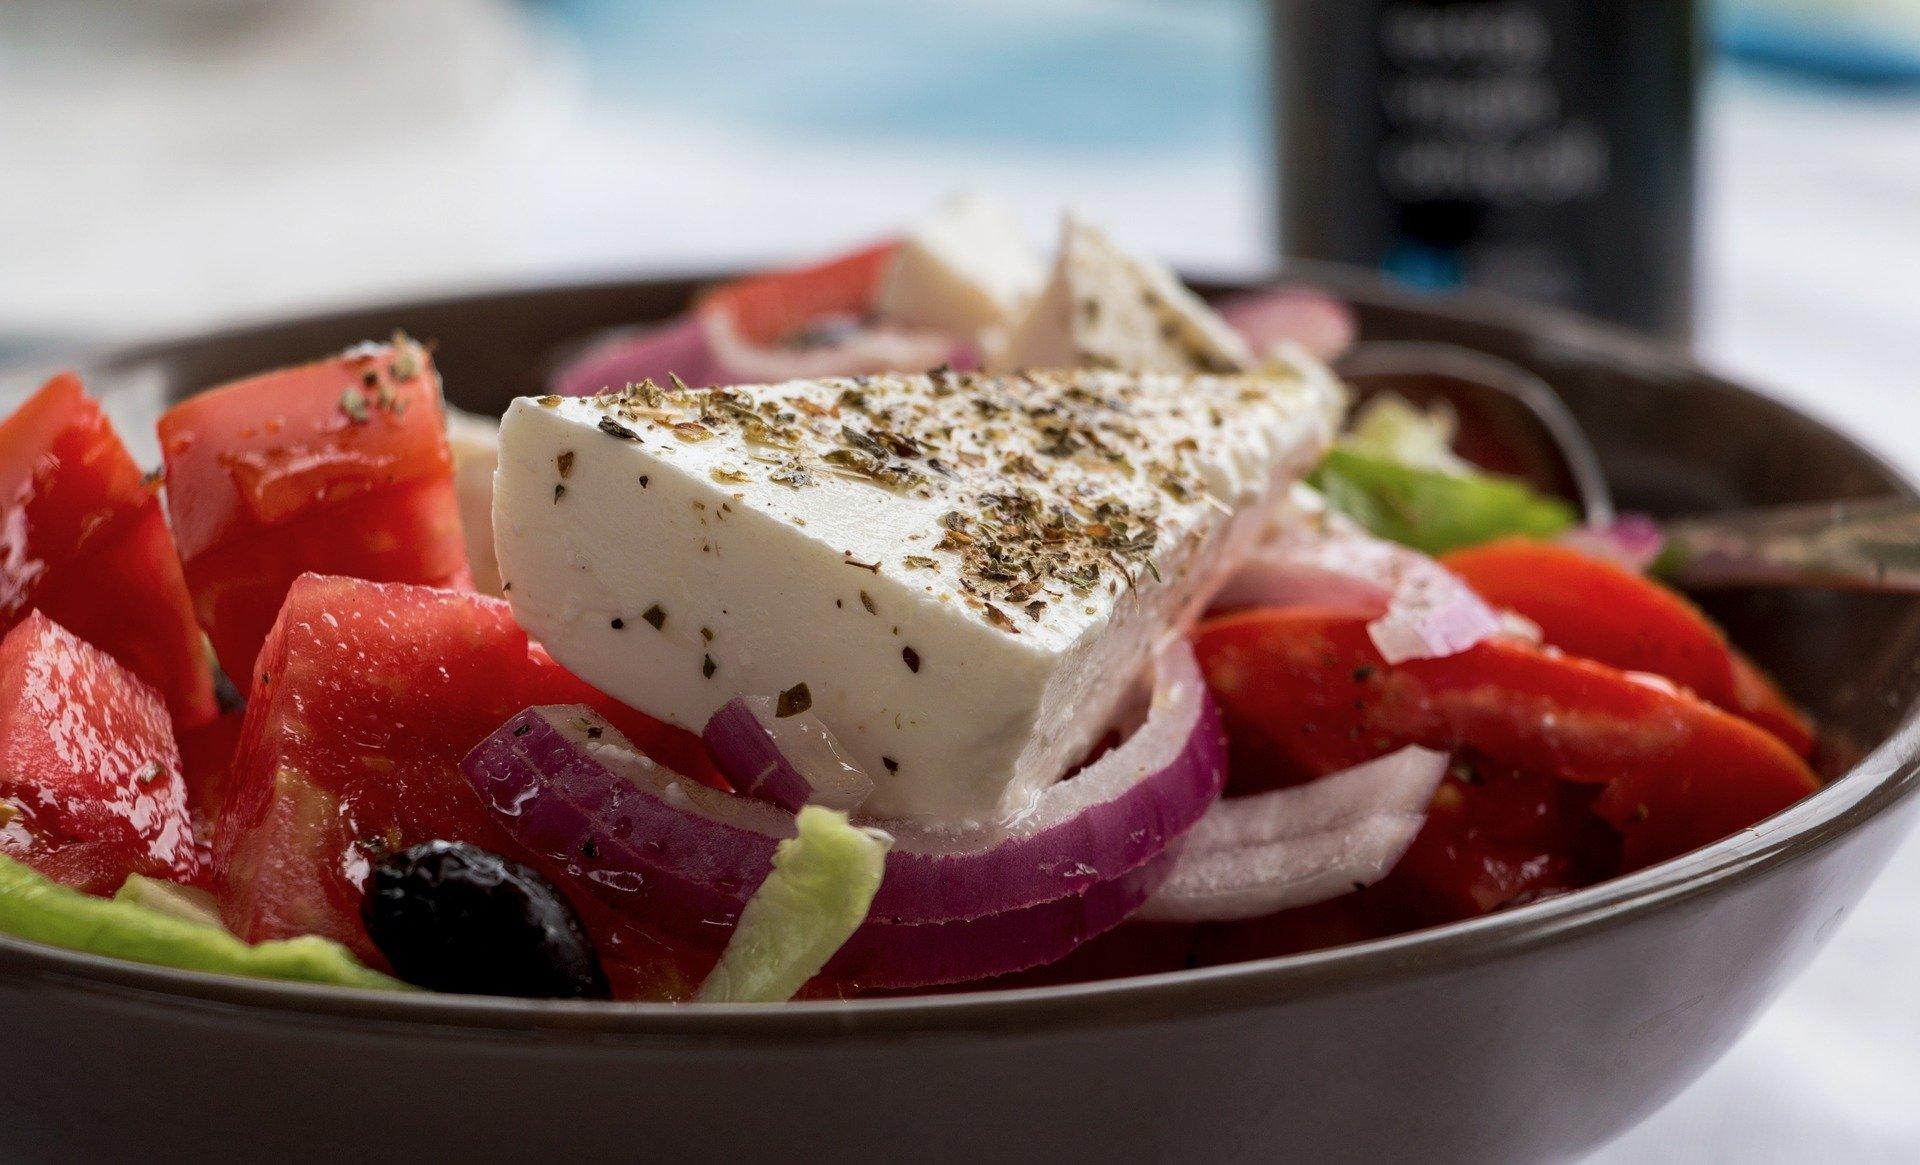 La Storia Della Cucina la cucina greca: i piatti adatti per una cena greca (appunti